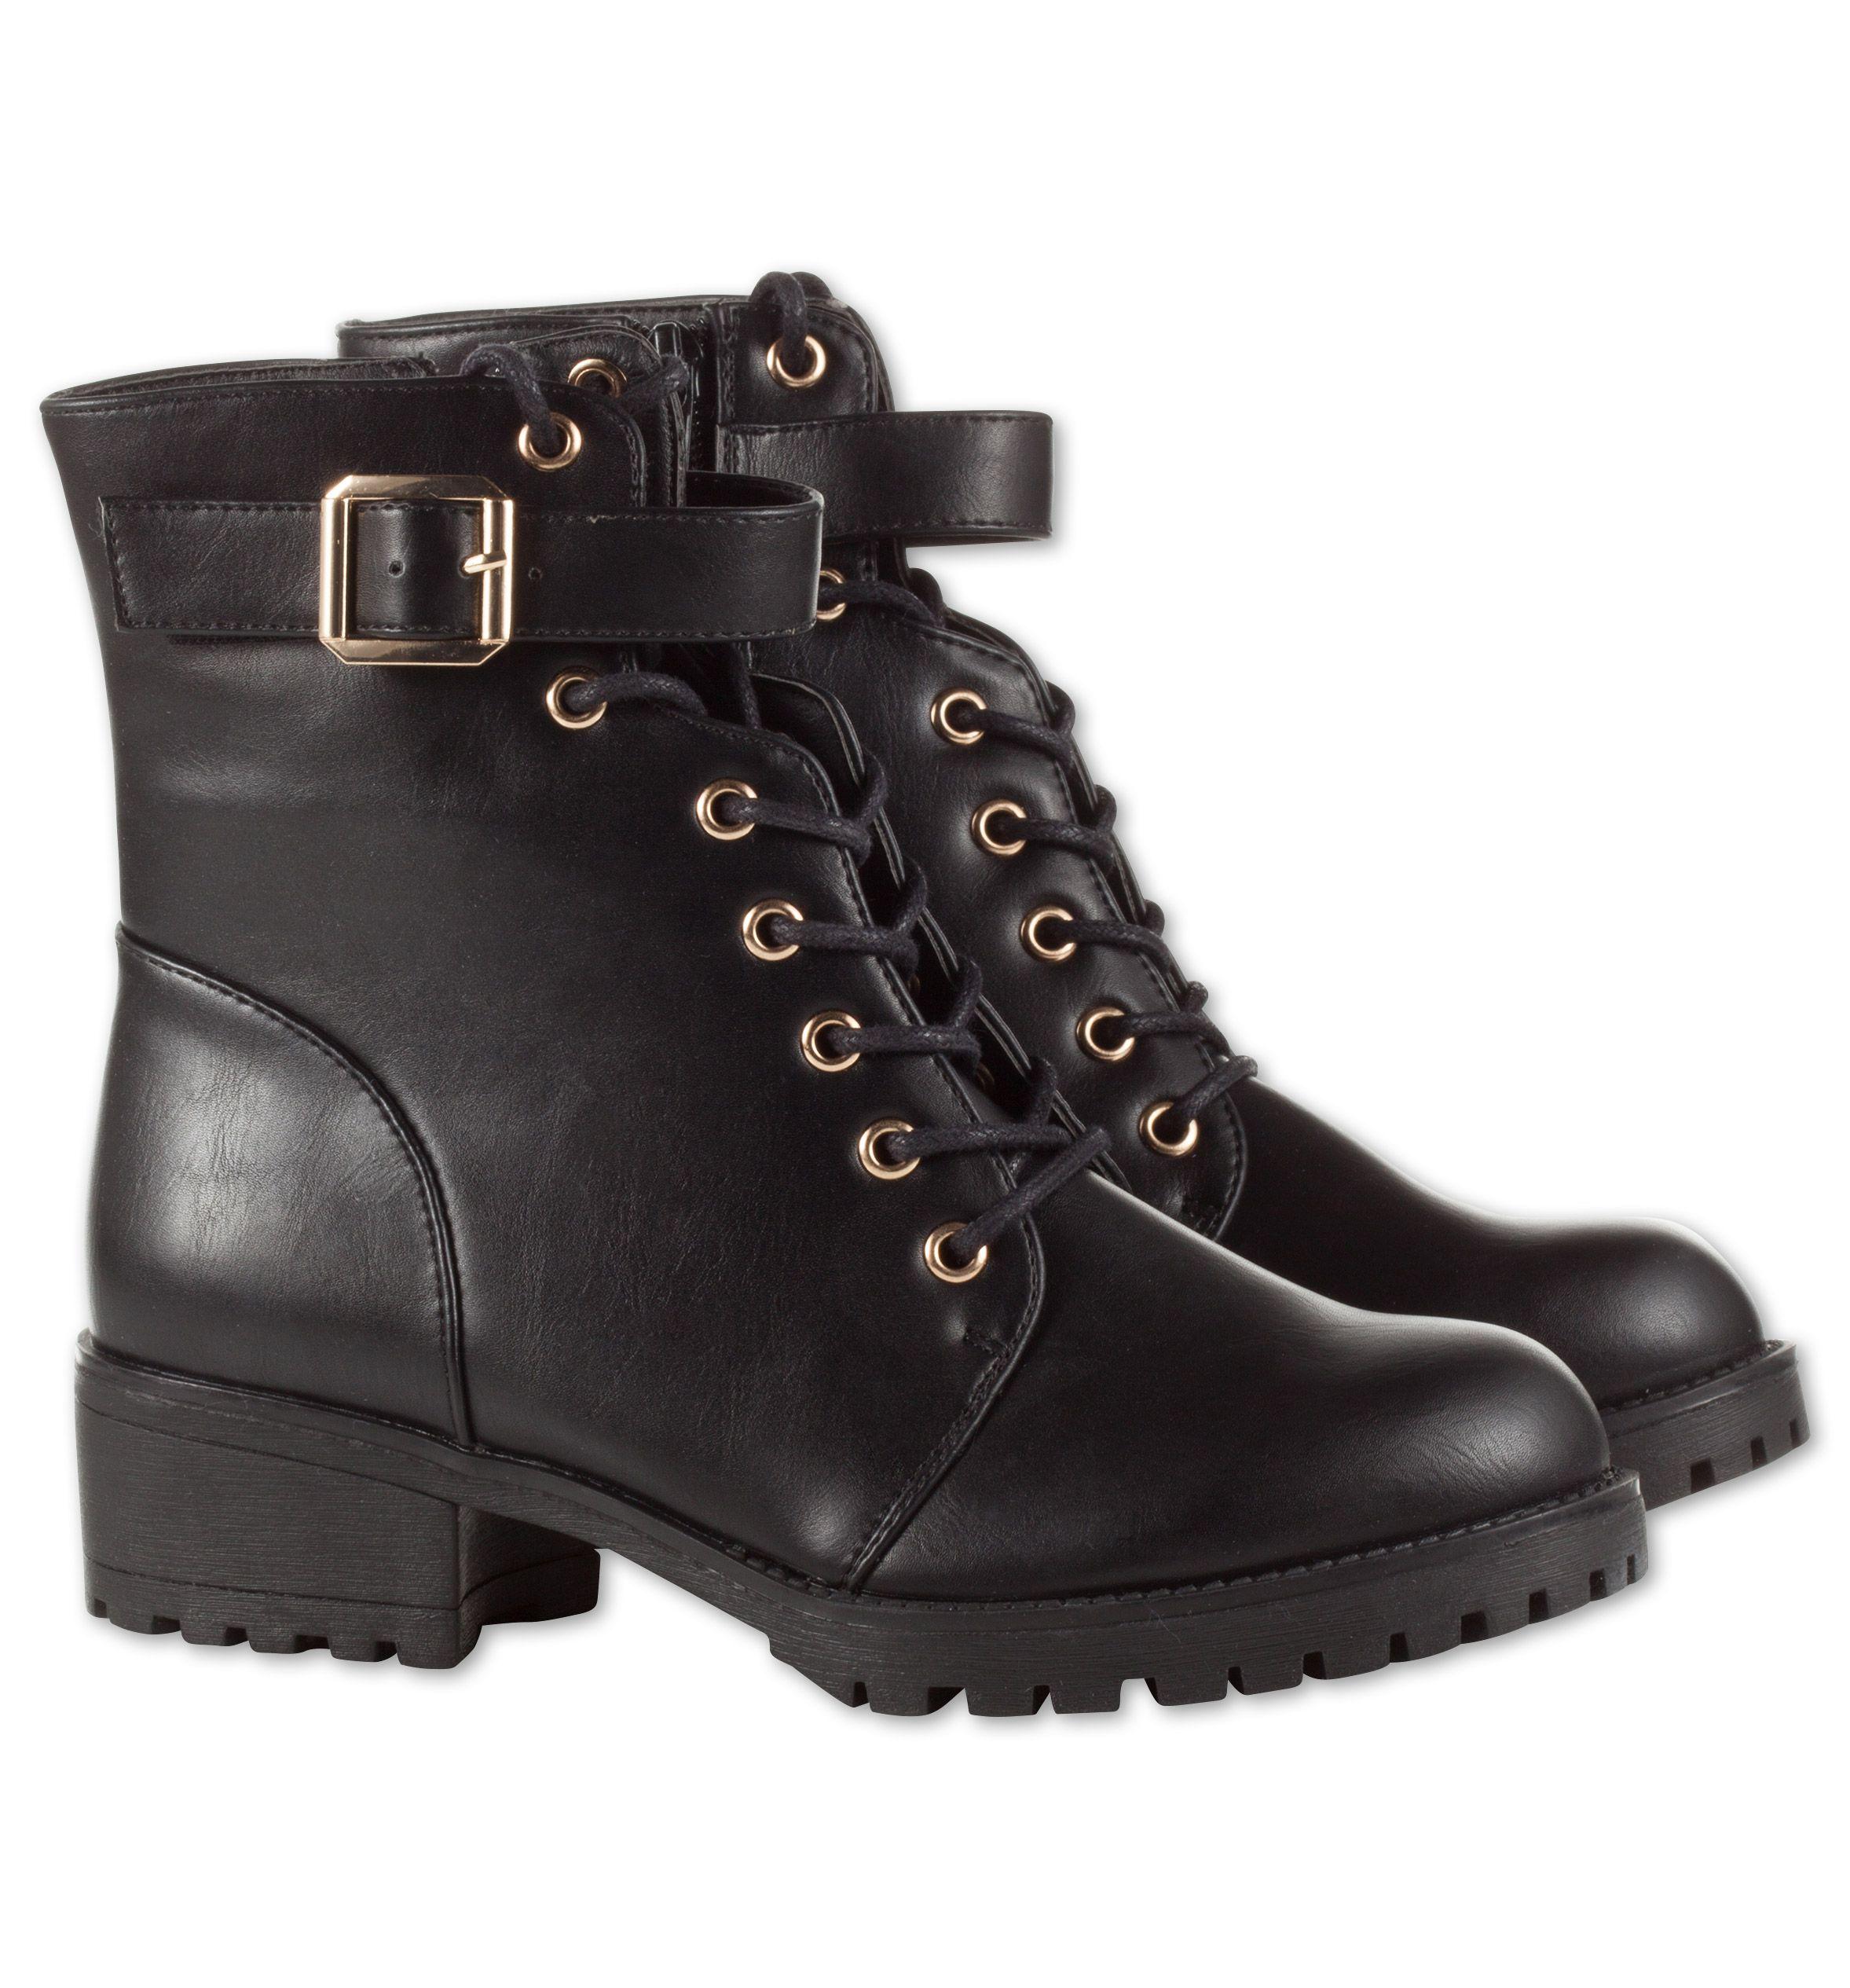 sports shoes b86c6 b1324 Damen Stiefeletten in schwarz - Mode günstig online kaufen ...